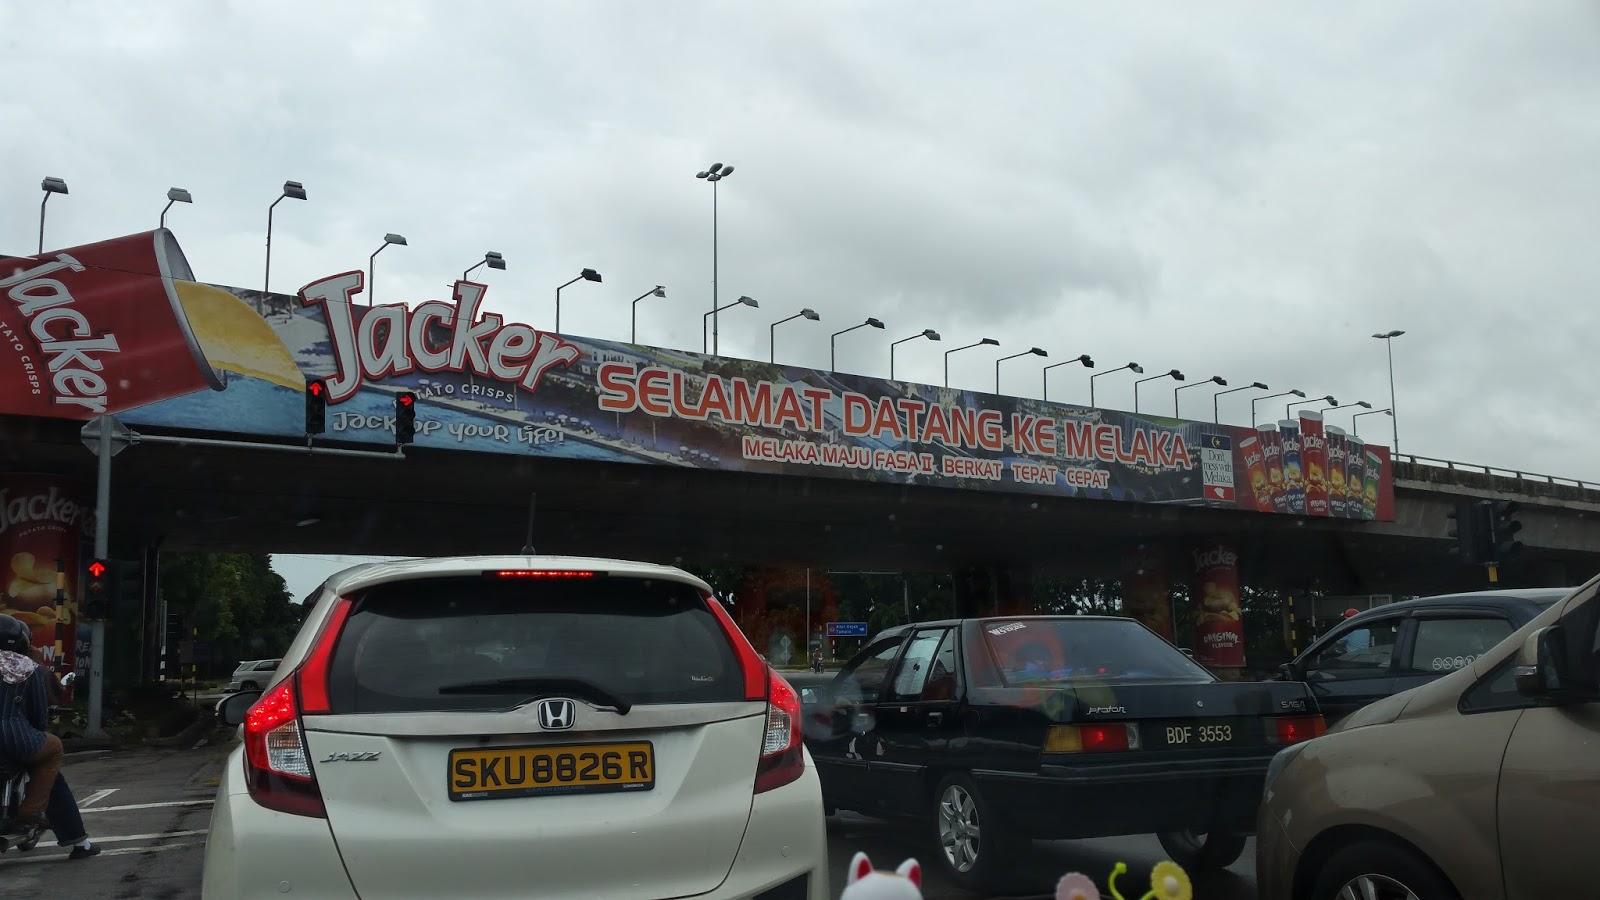 Selamat datang ke Melaka